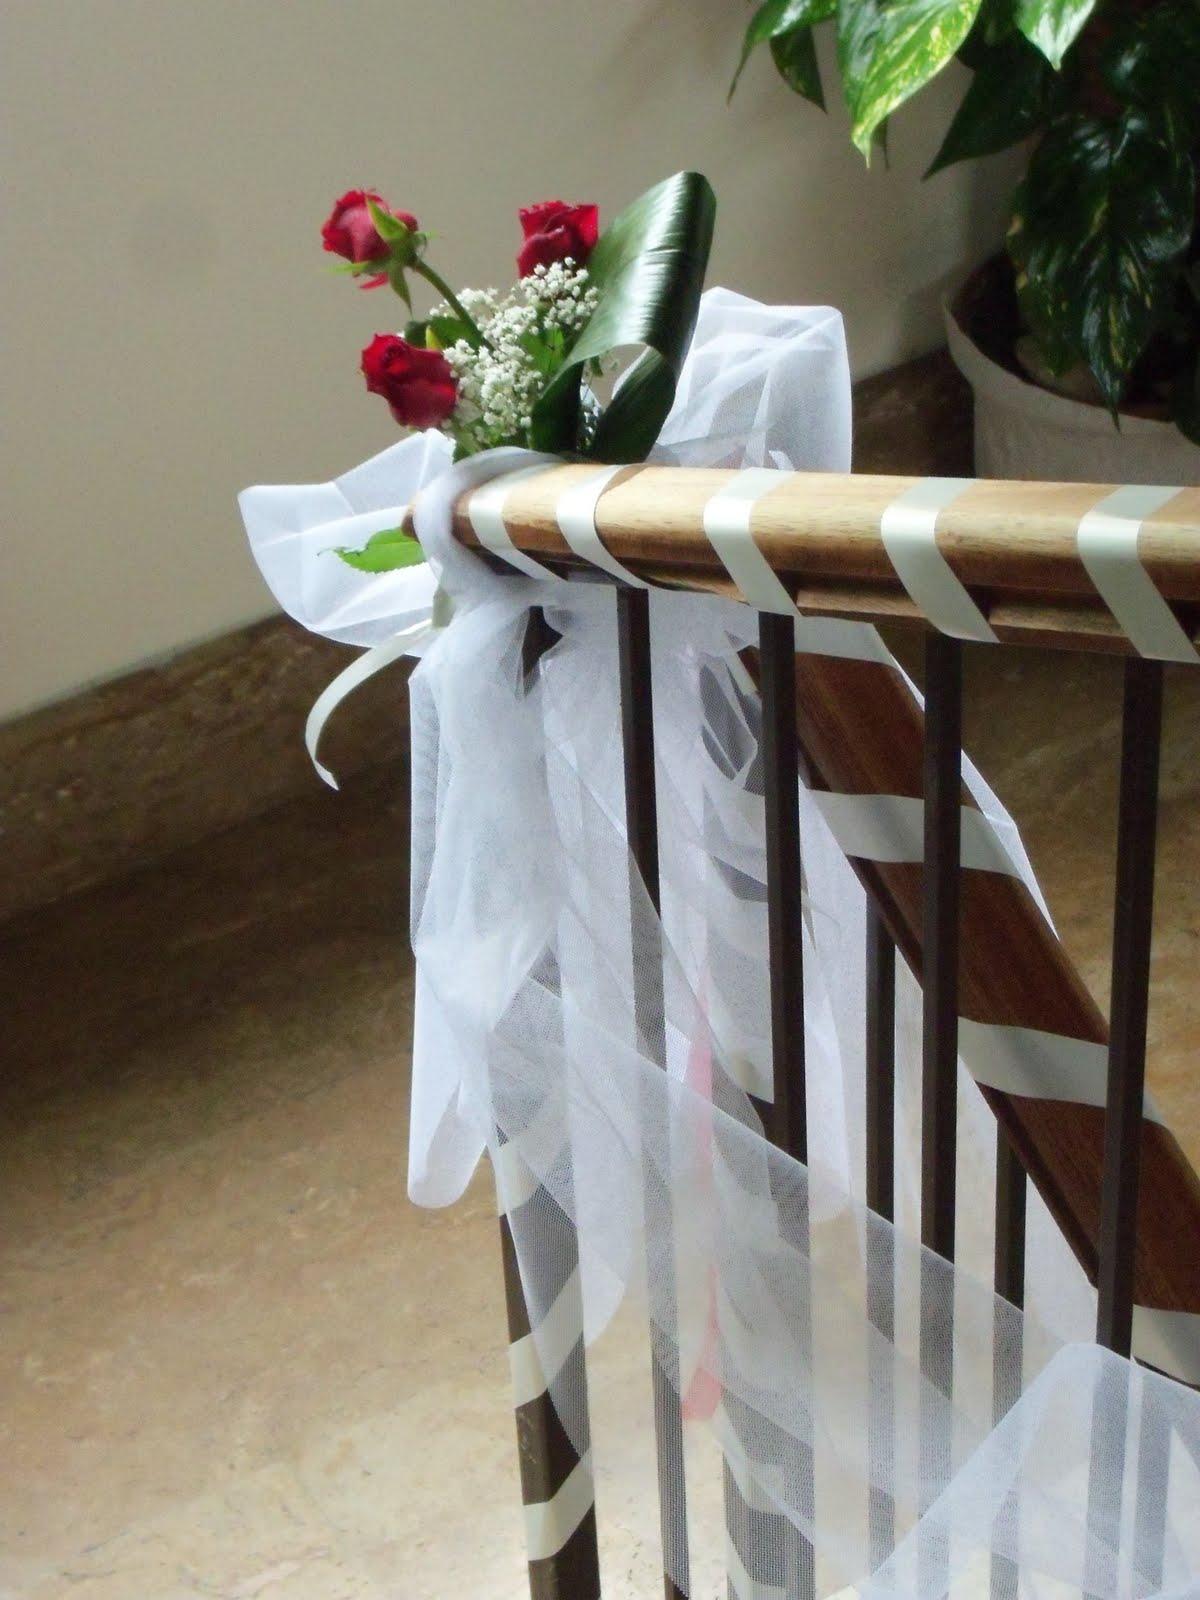 Tulle per addobbi matrimonio at63 regardsdefemmes - Come addobbare la casa della sposa il giorno del matrimonio ...